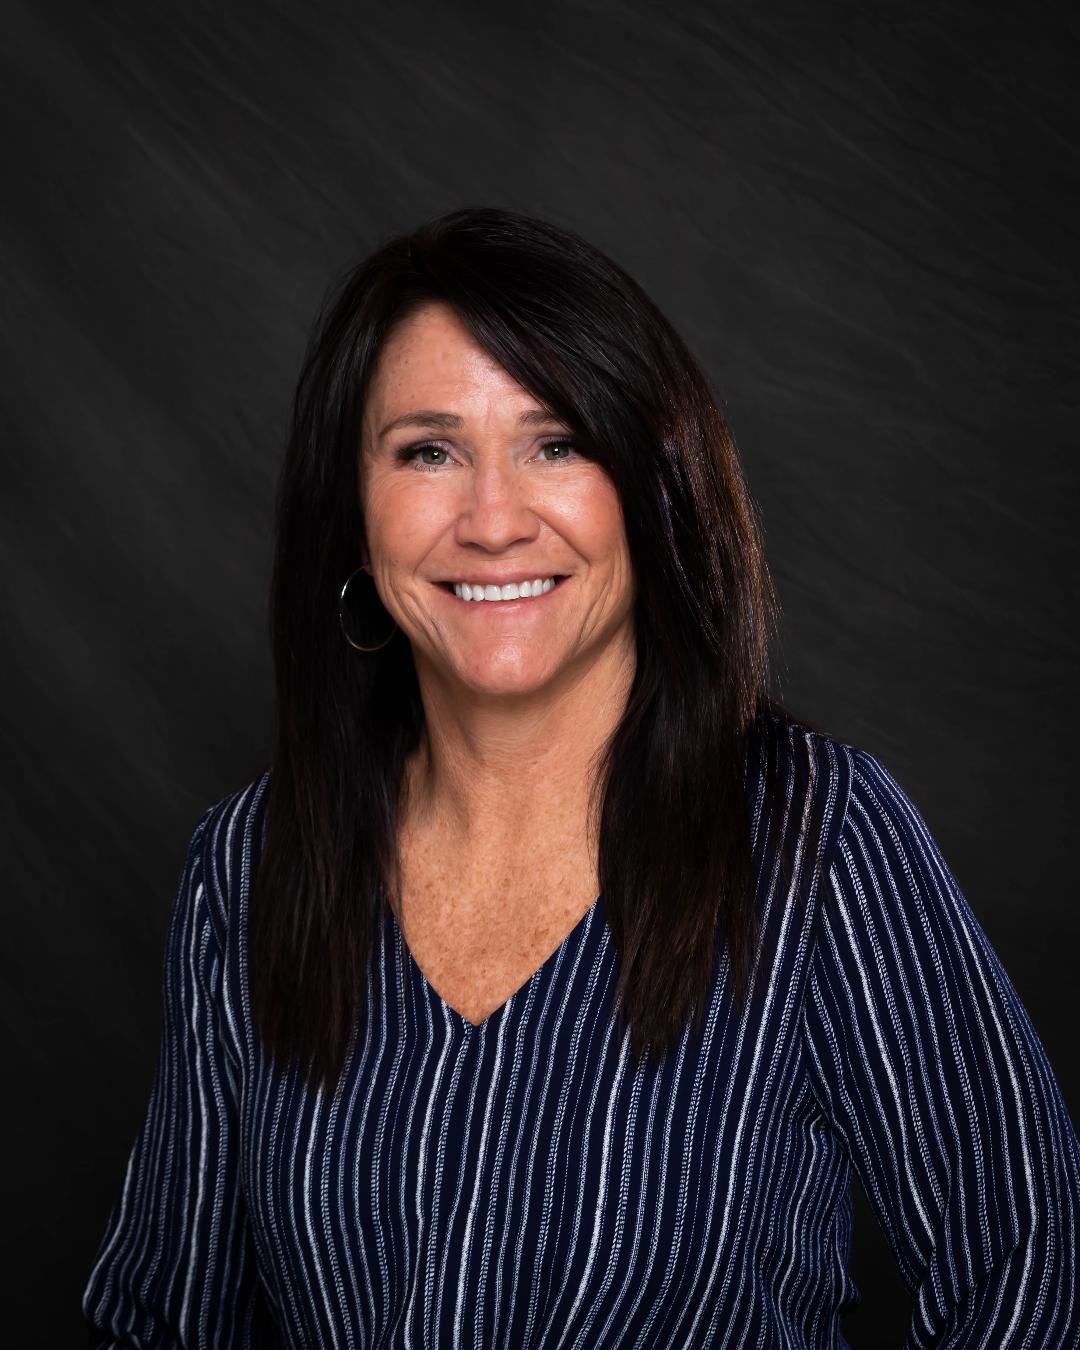 Lisa Saultz